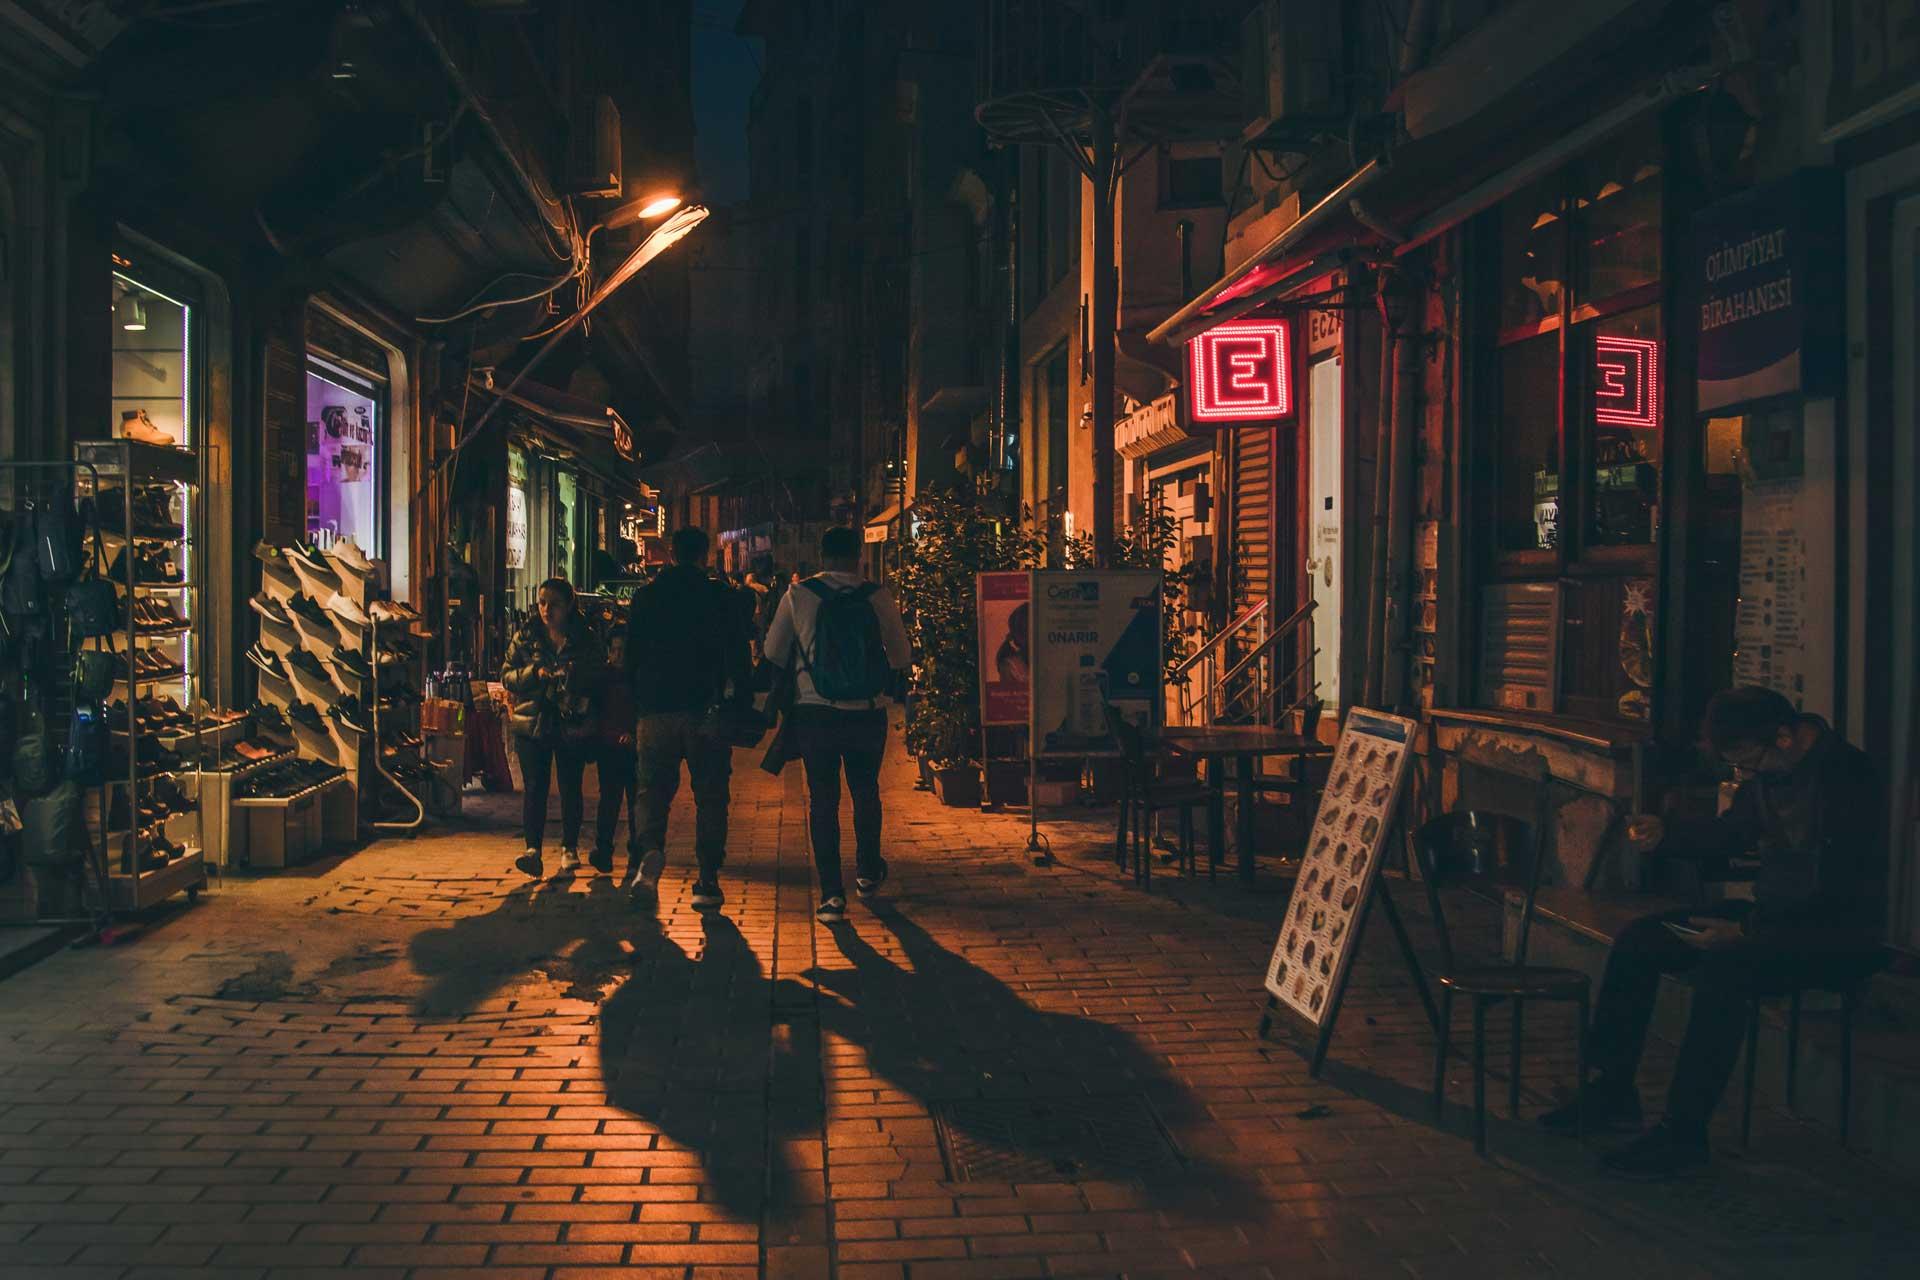 Karaköy Arka Sokakları fotoğrafları  İstanbul Fotoğrafları Çekergezer Hakan Aydın Fotoğrafları www.cekergezer.com